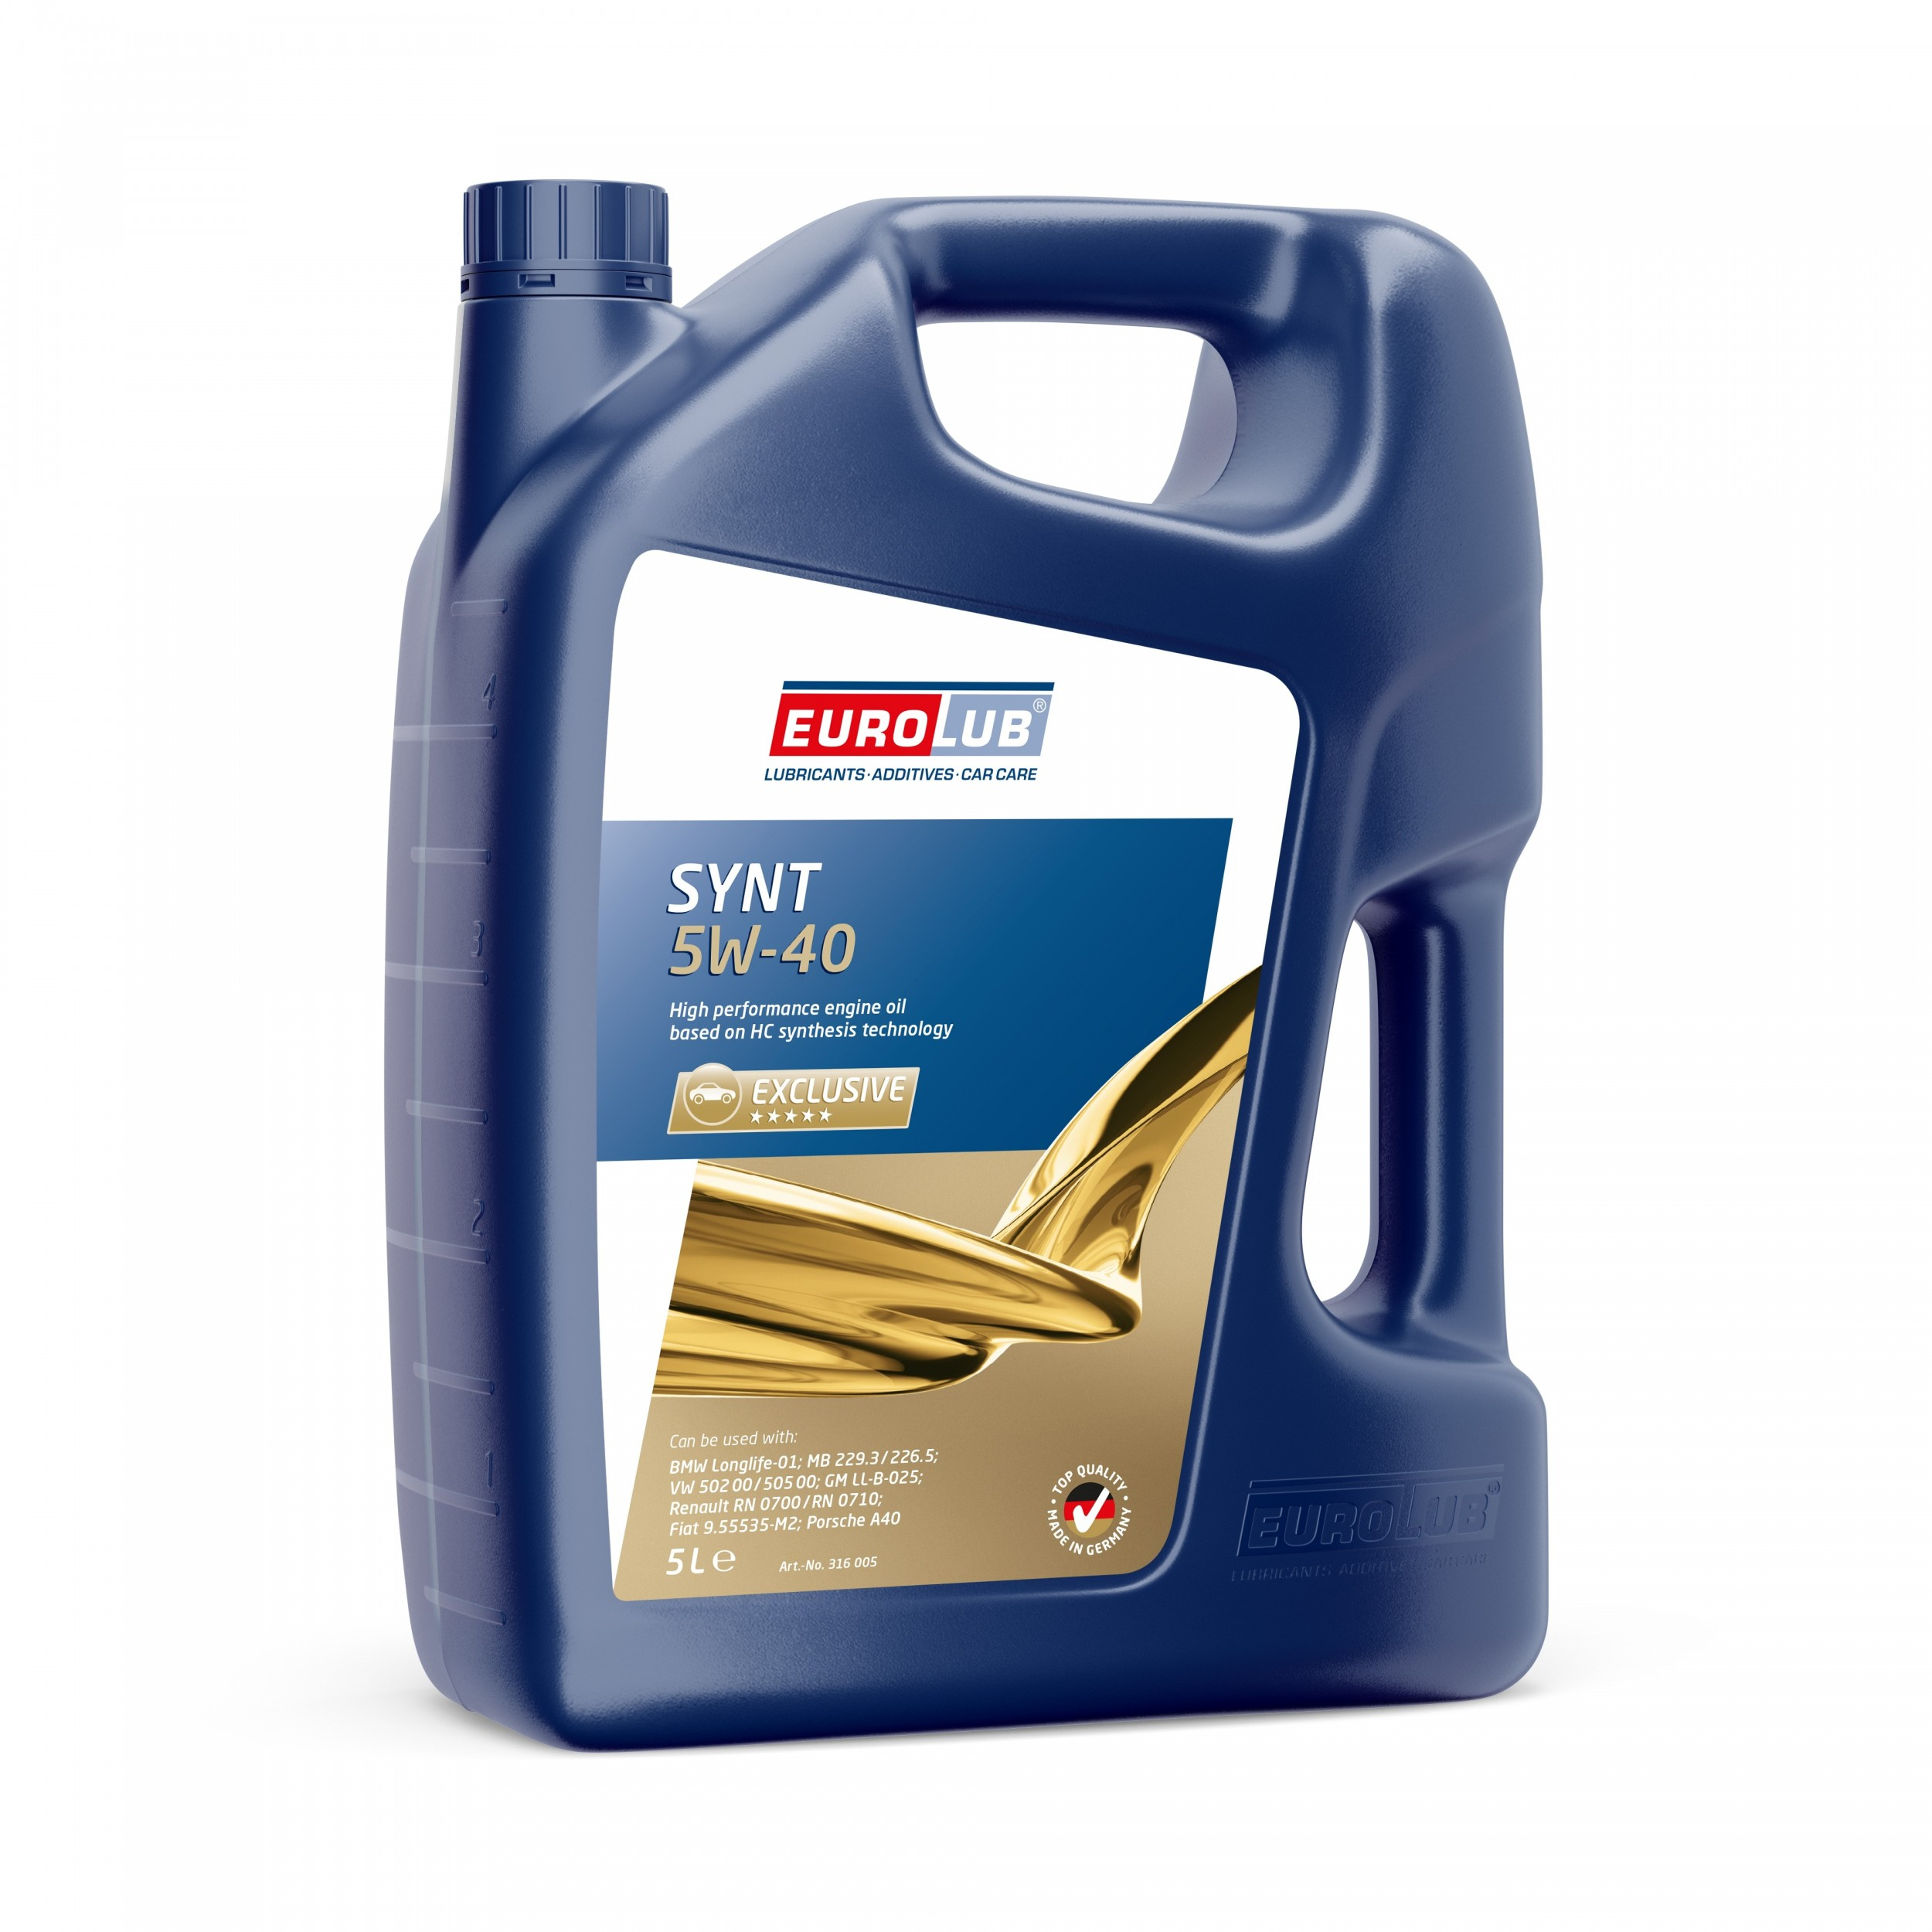 SYNT 5W-40